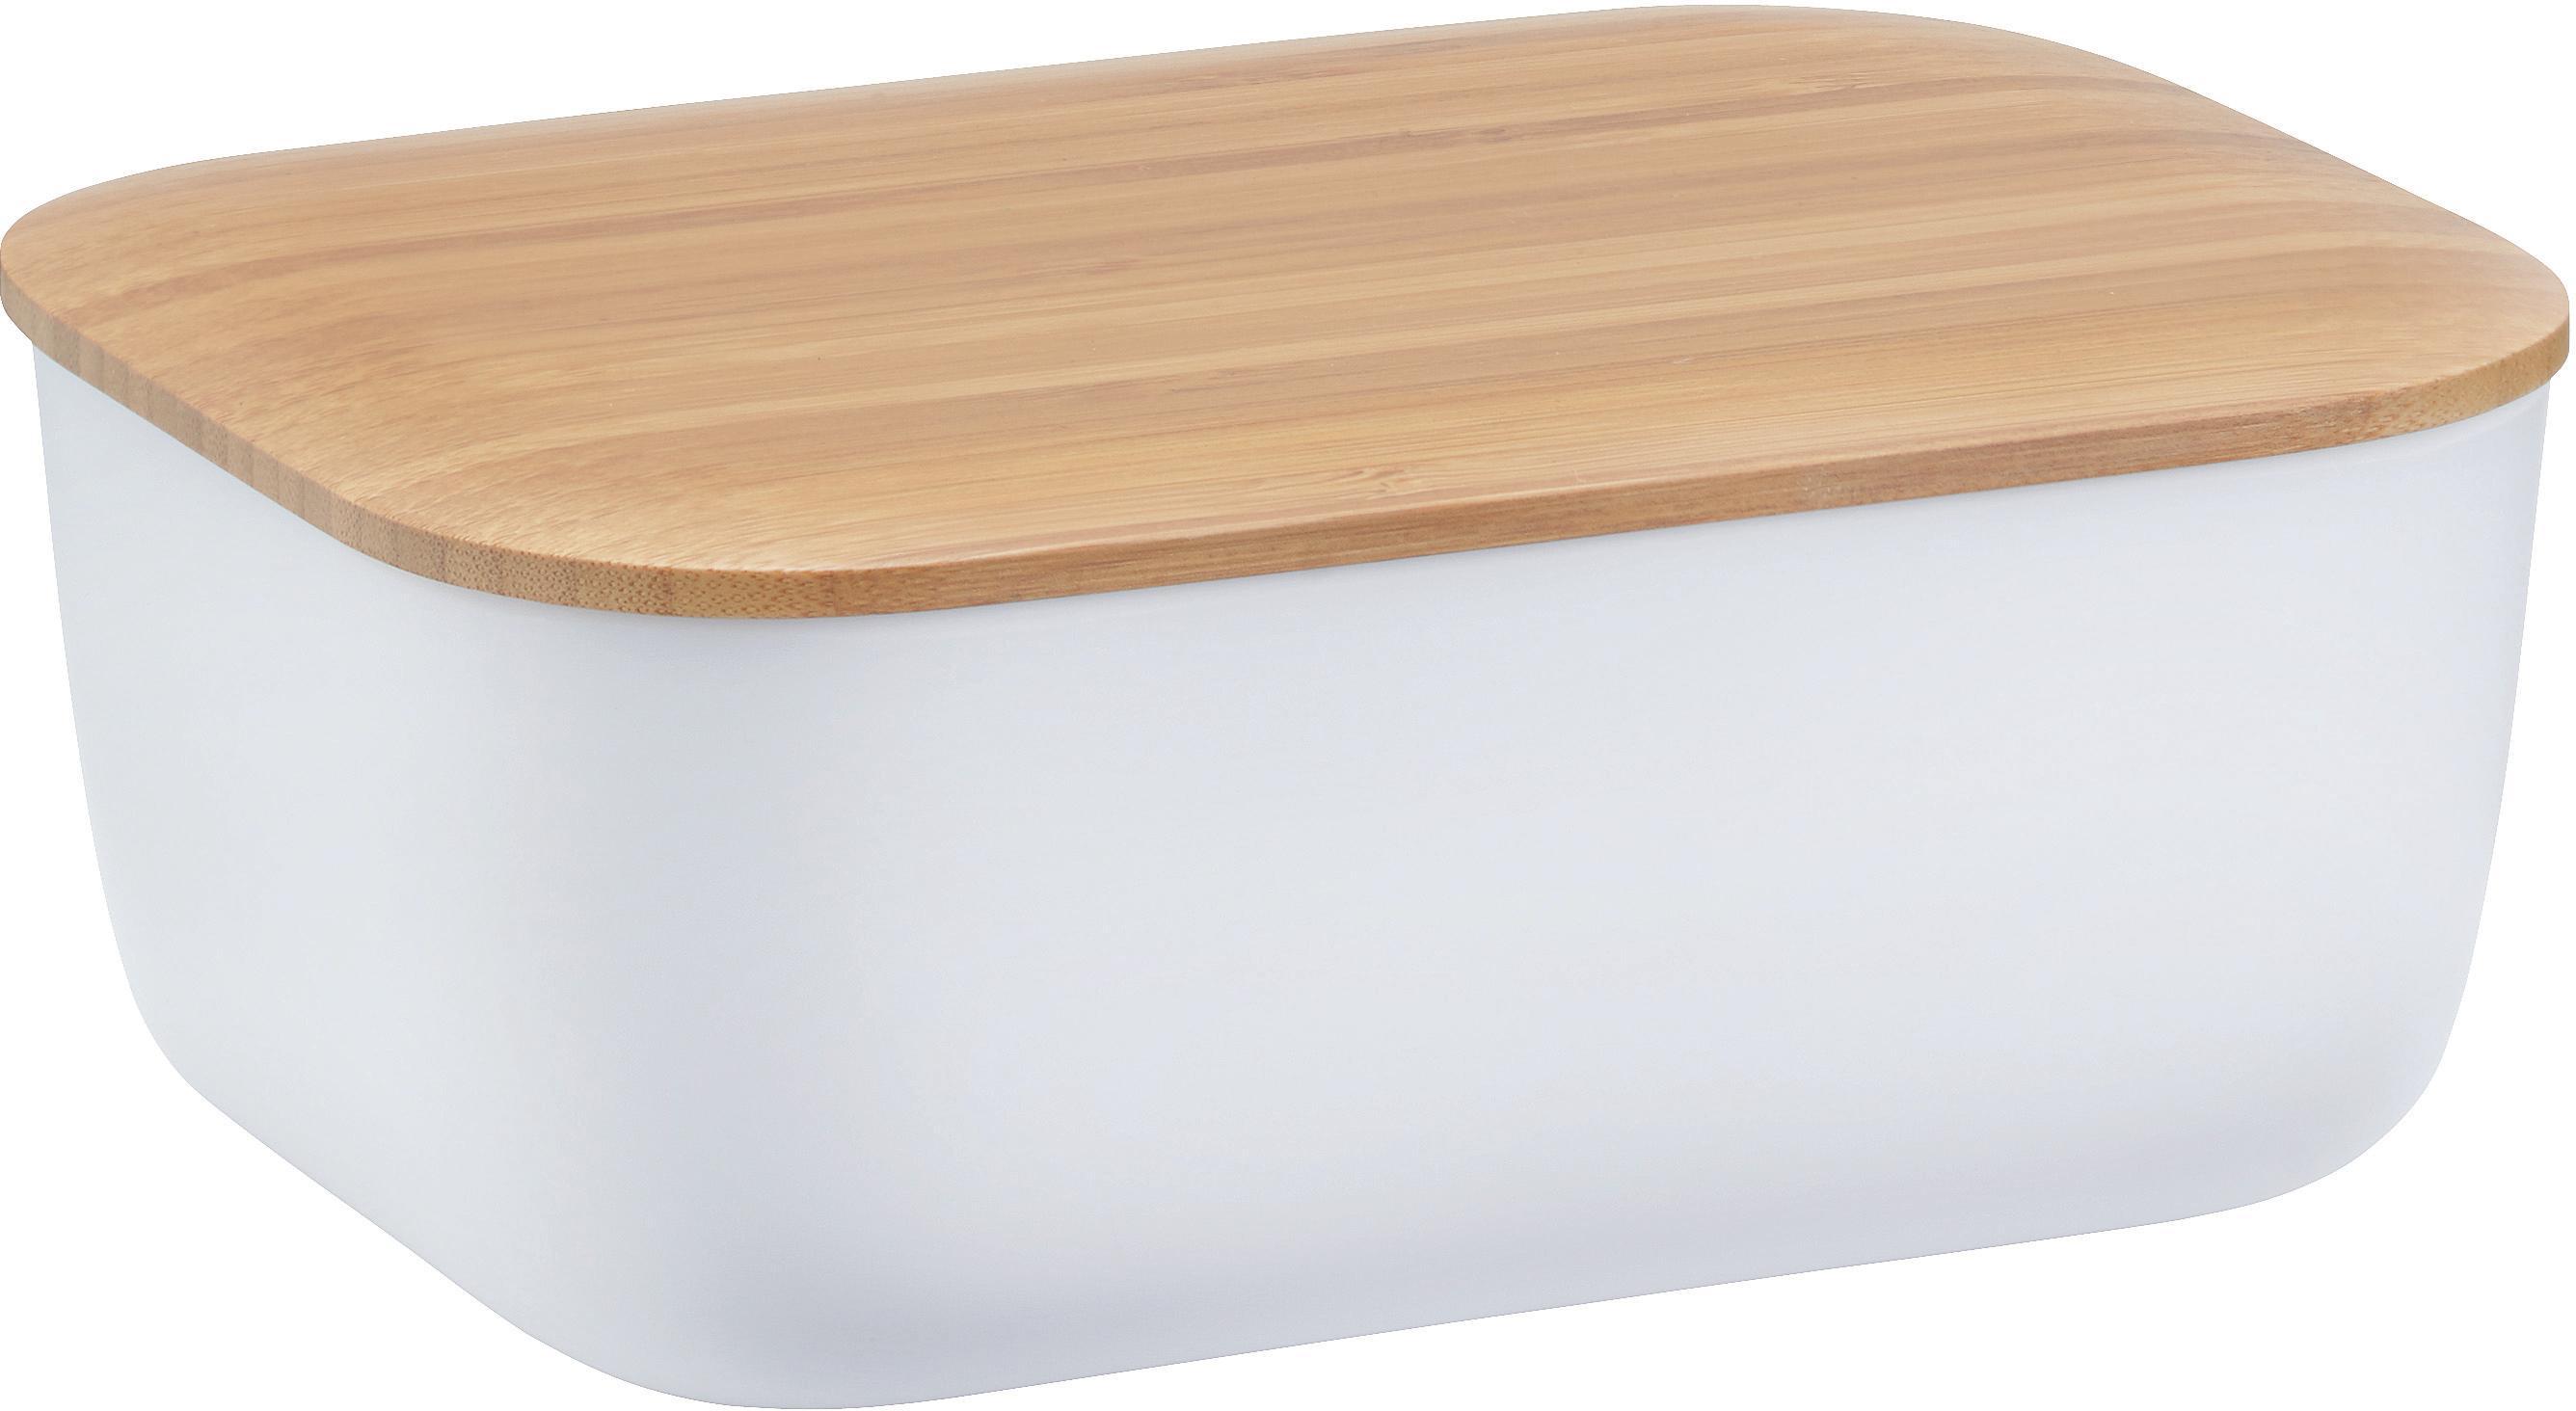 Maselniczka Box-It, Biały, drewno bambusowe, S 15 x W 7 cm